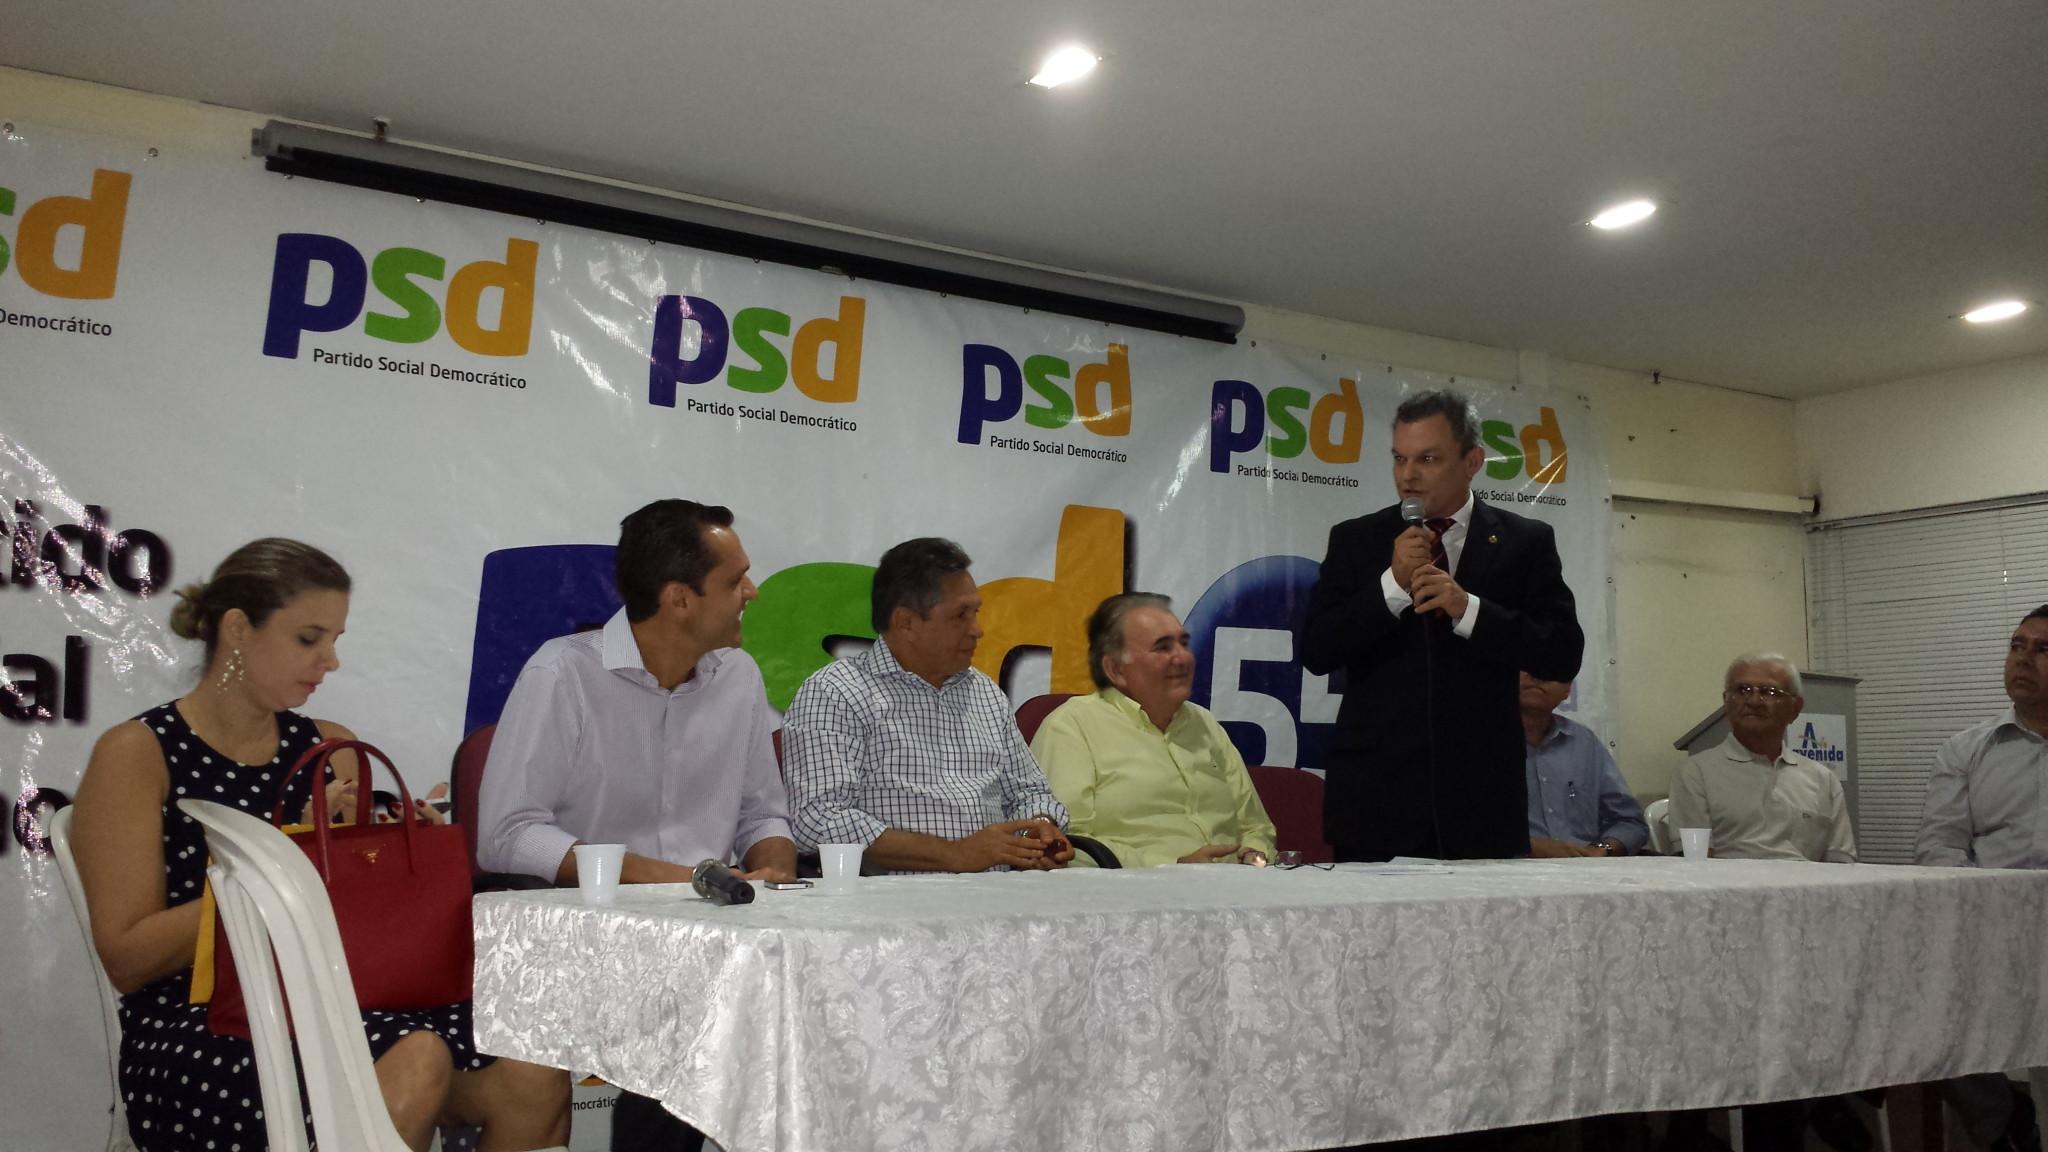 """PSD diz """"sim"""" à coligação com o PROS"""